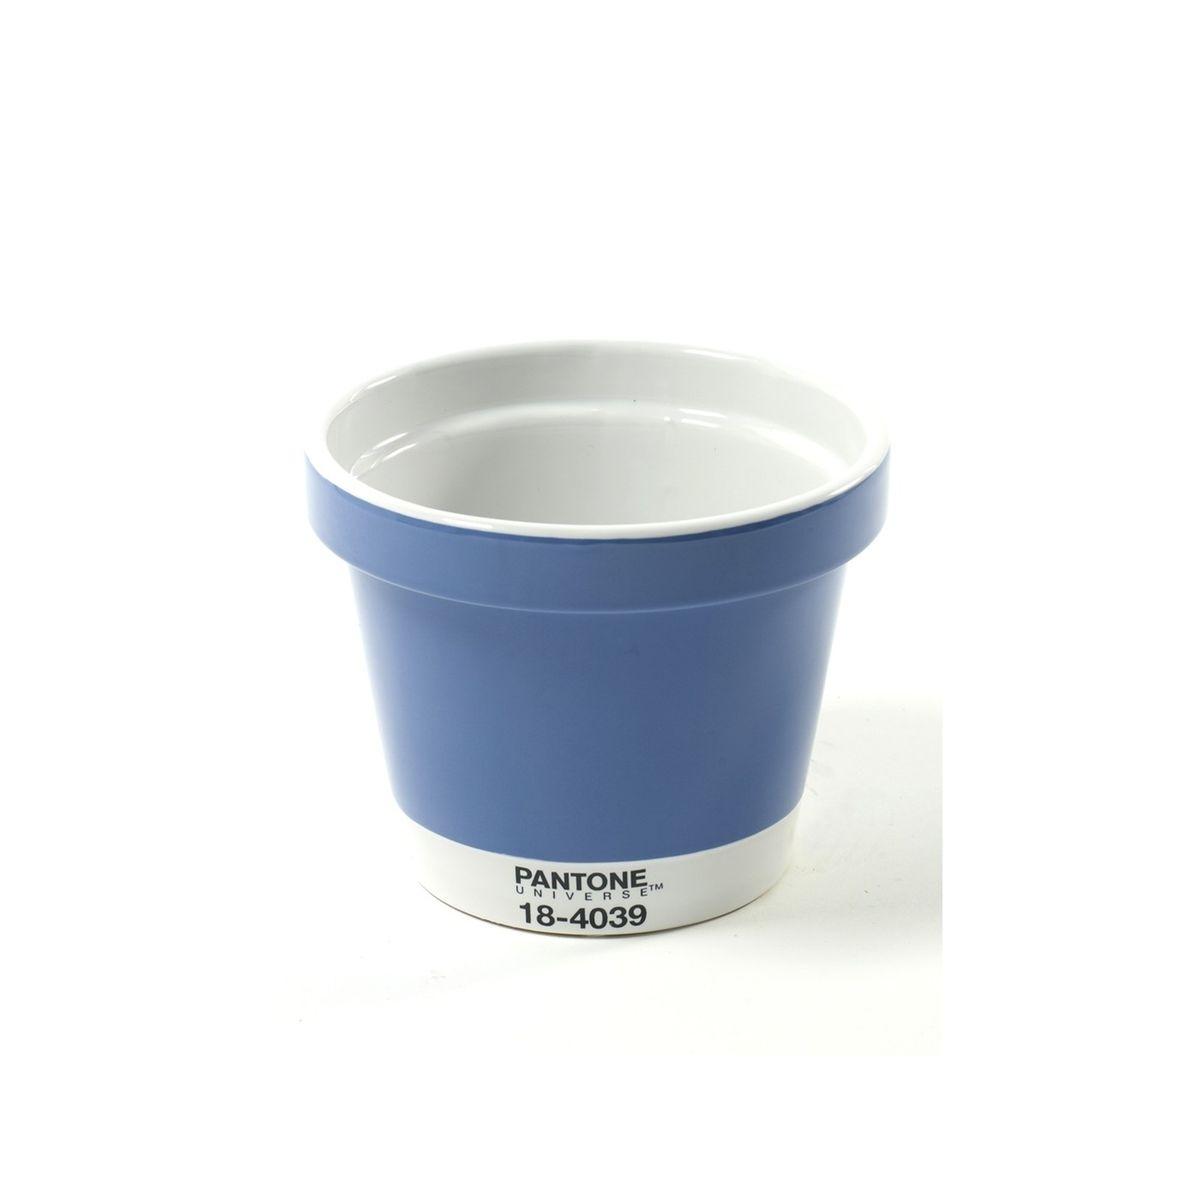 Petit Pot de fleurs Pantone Bleu